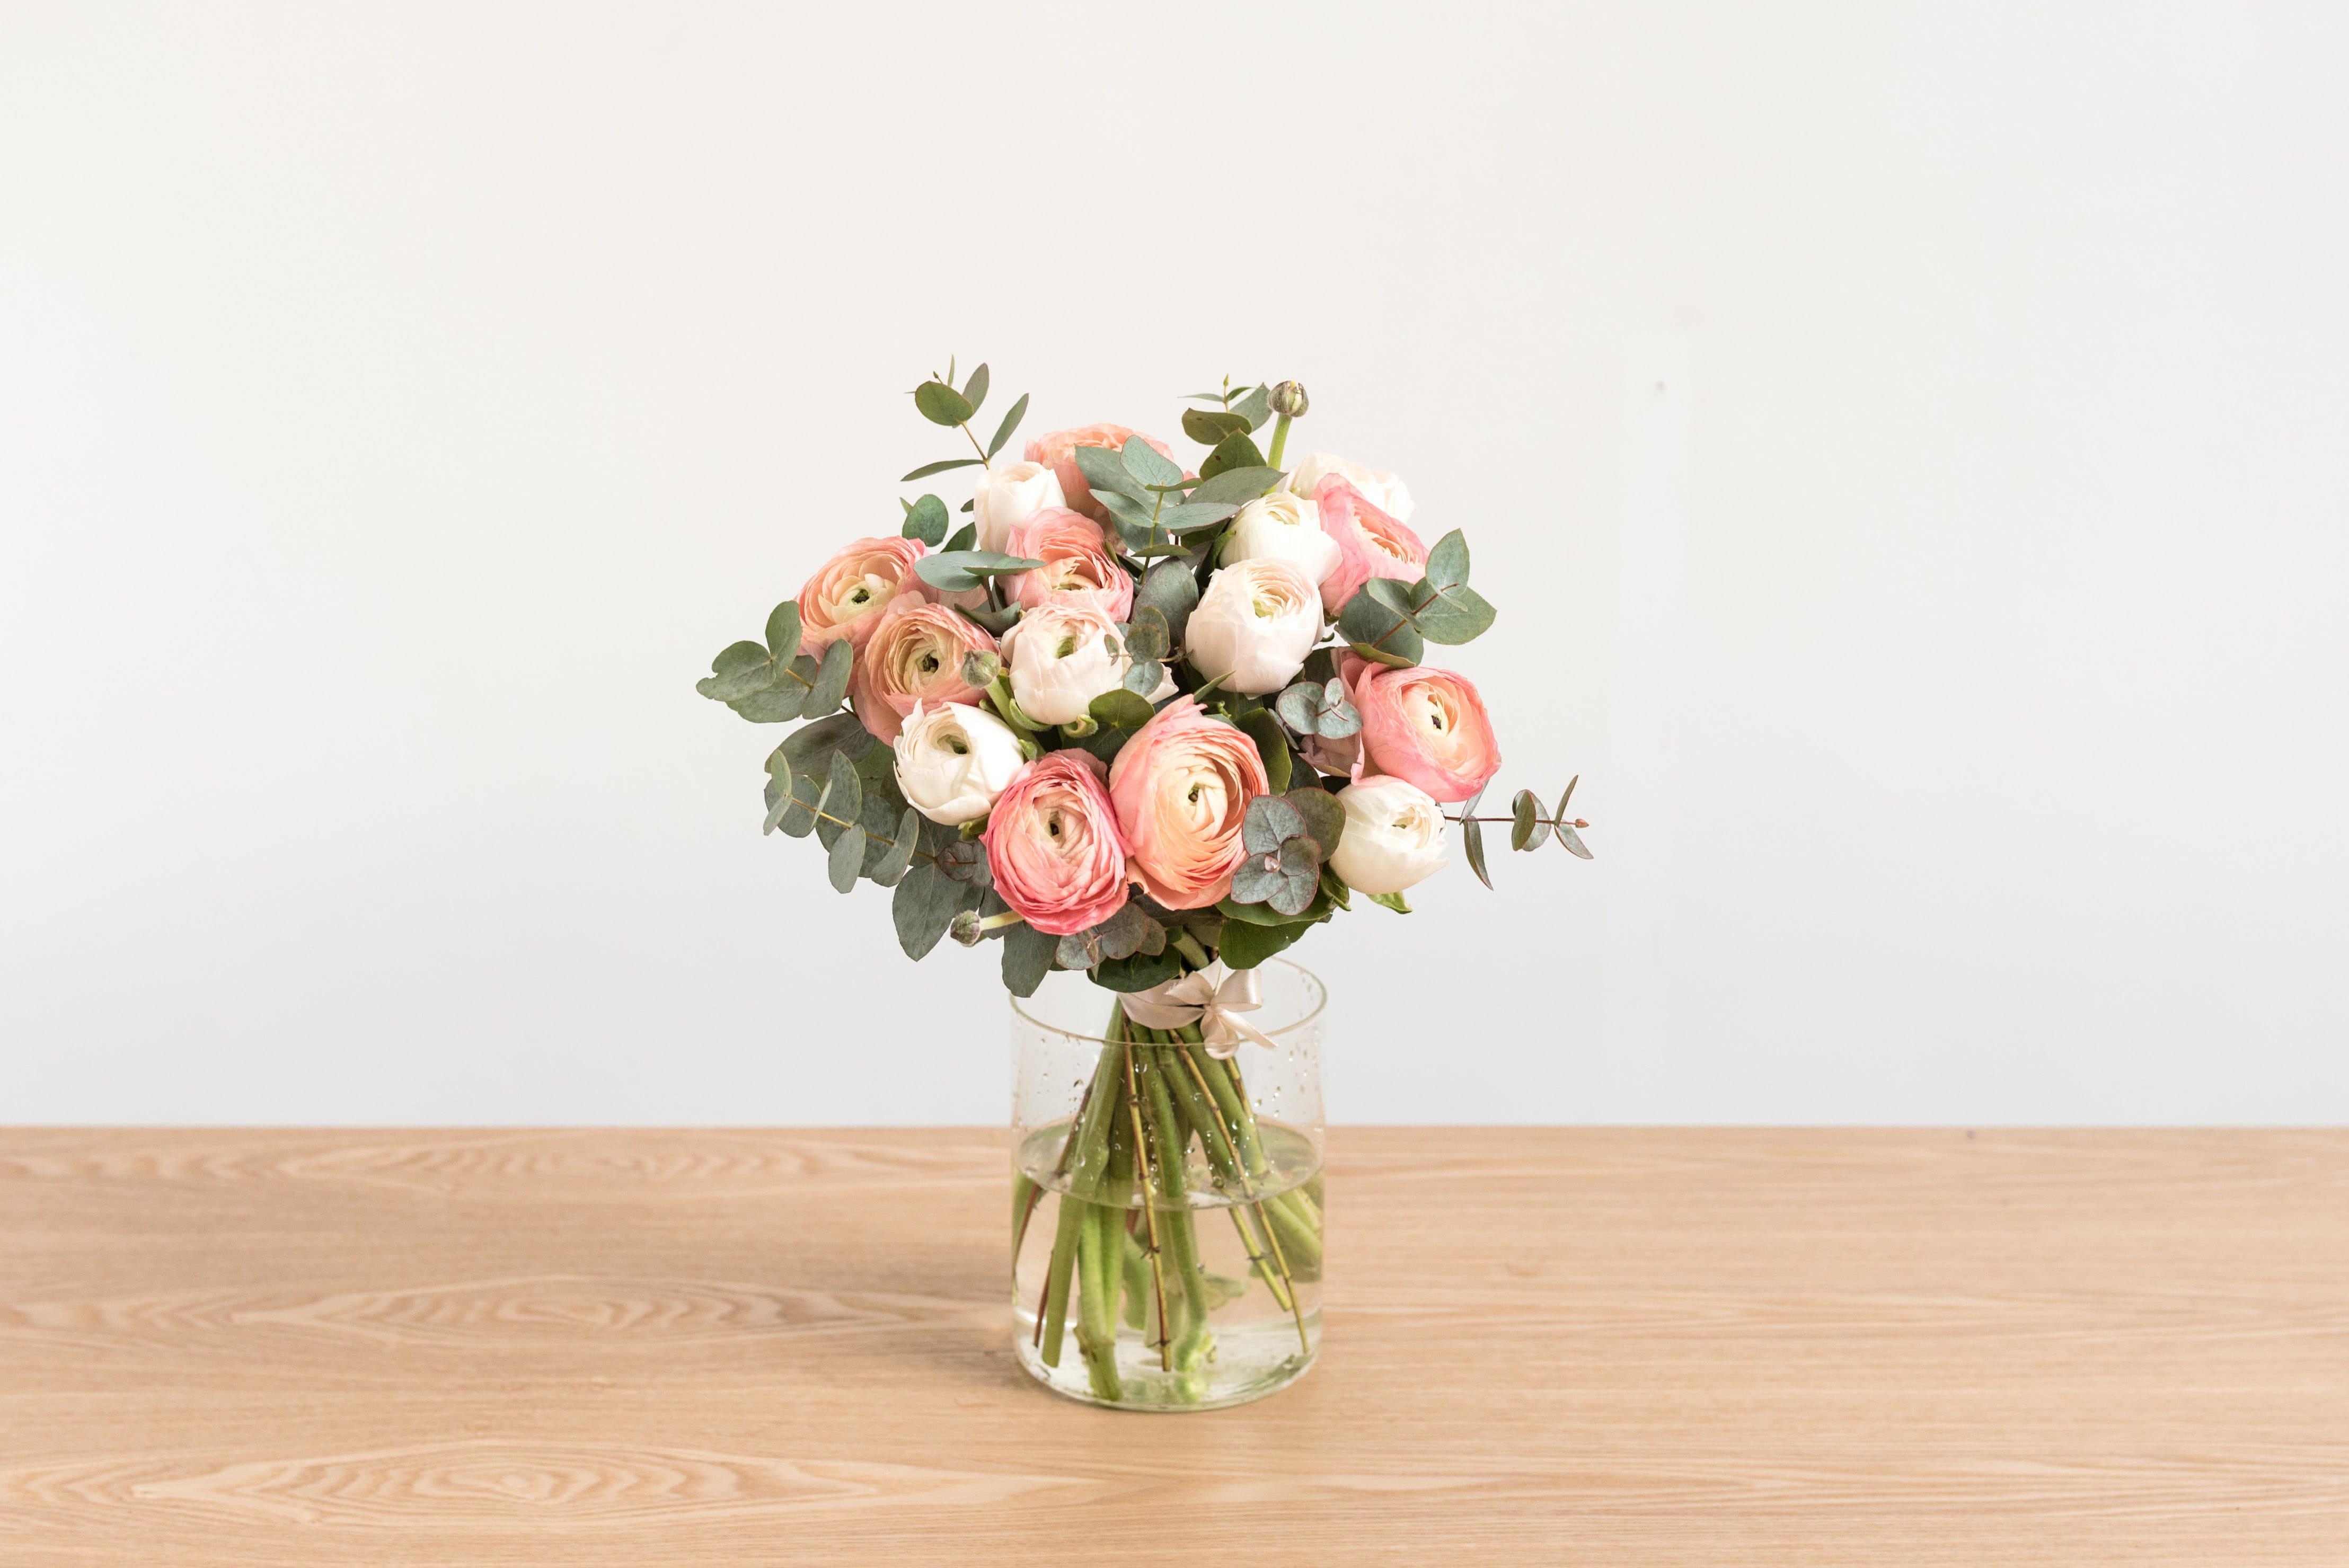 bergamotte x maison sarah lavoine : un bouquet de renoncules à (s